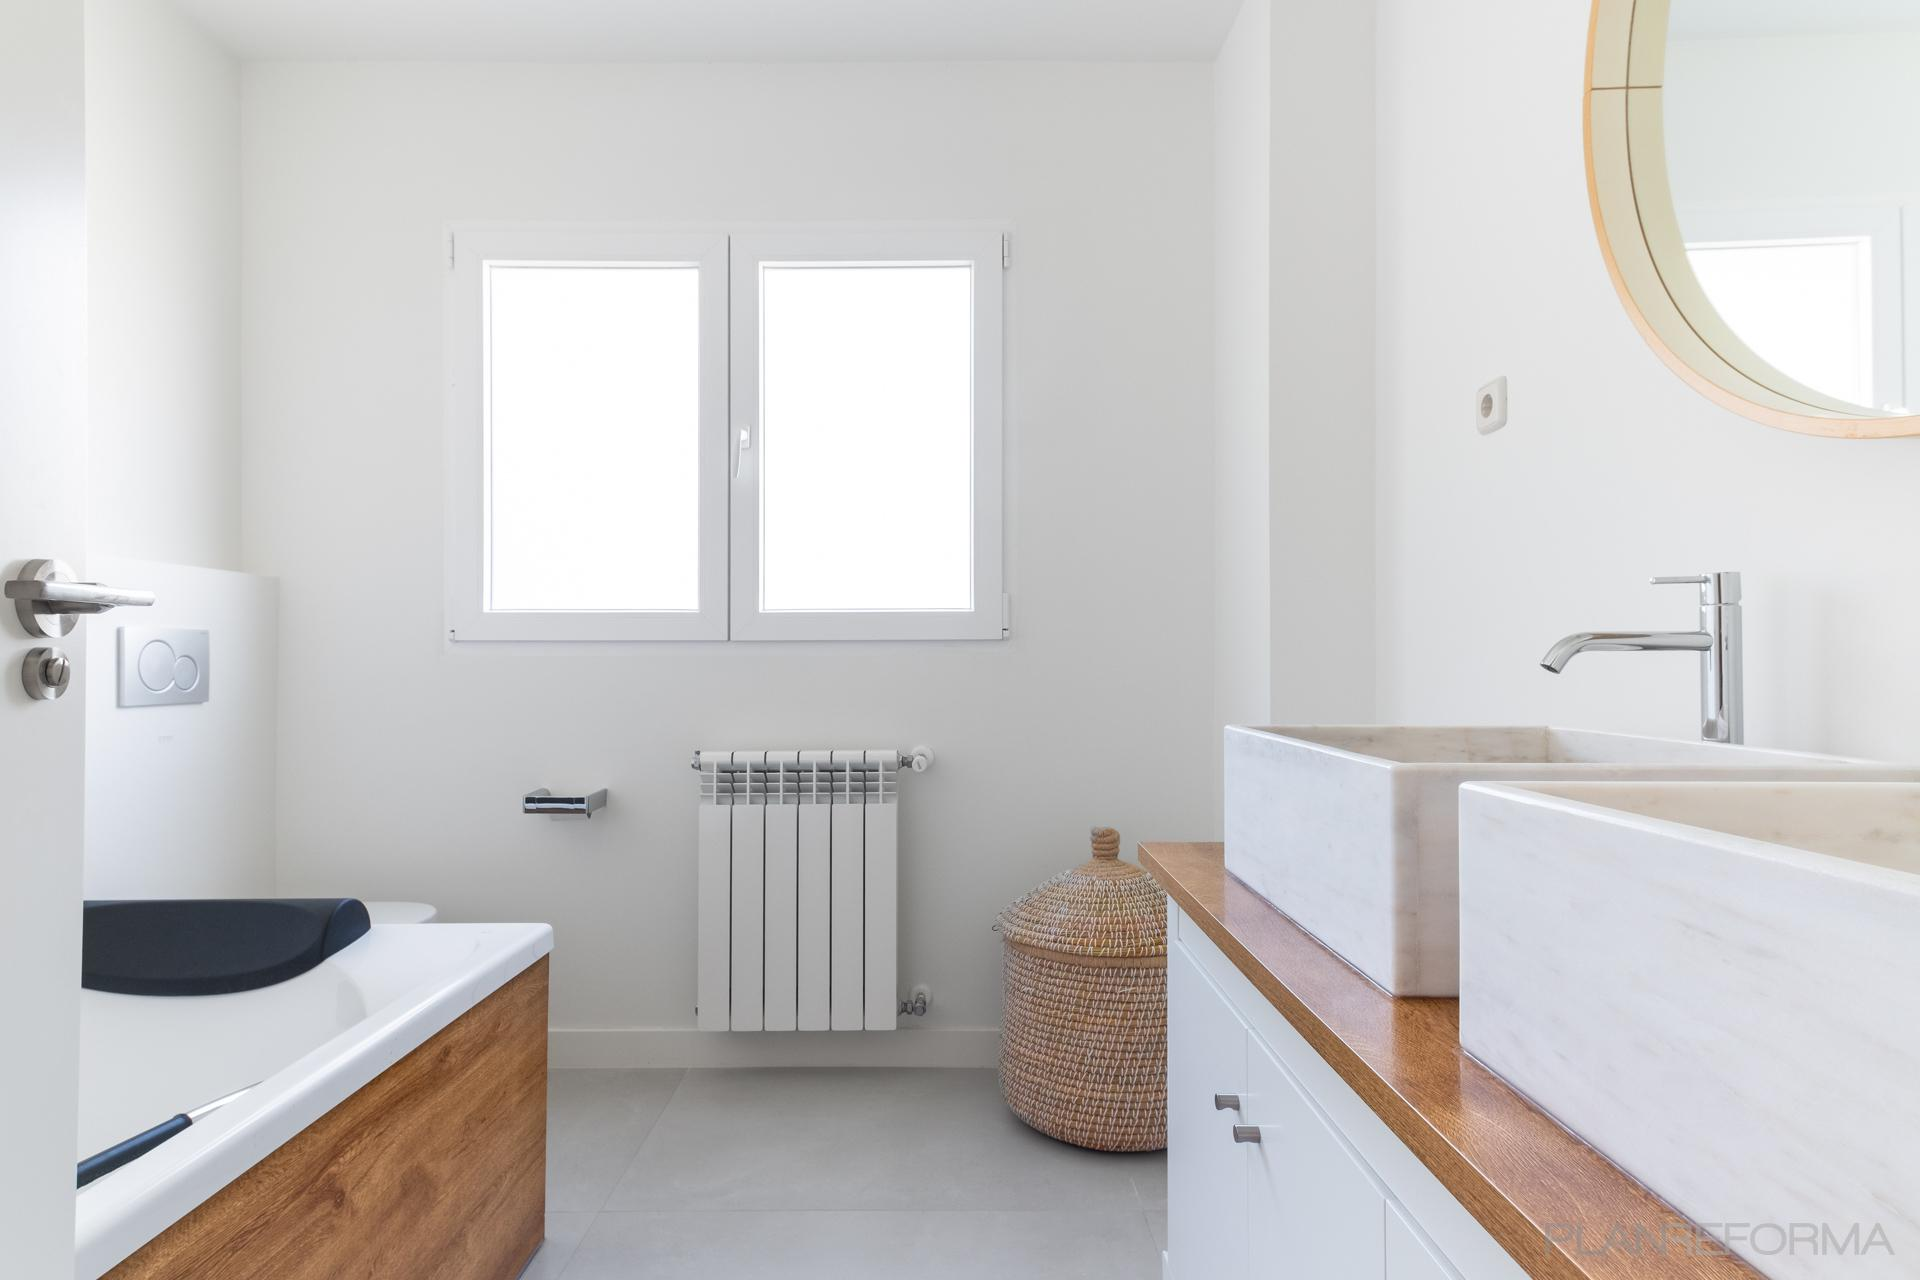 Baño Estilo vintage Color marron, blanco  diseñado por Arquigestiona | Arquitecto Técnico | Copyright Arquigestiona